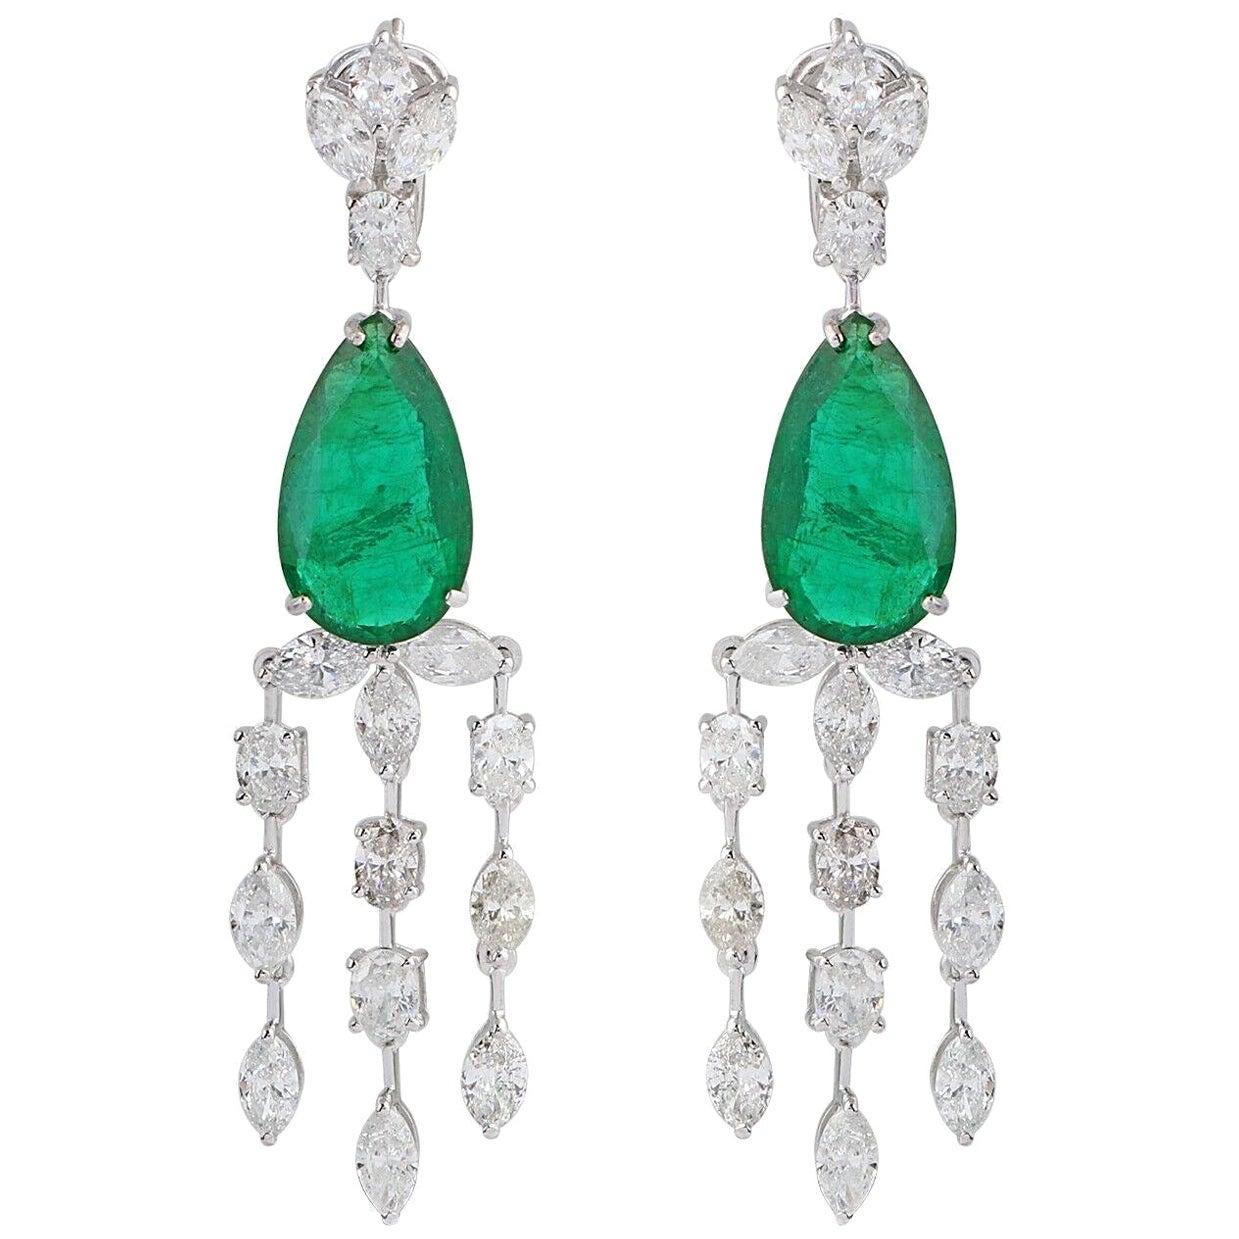 13.70 Carat Emerald Diamond 18 Karat White Gold Chandelier Earrings